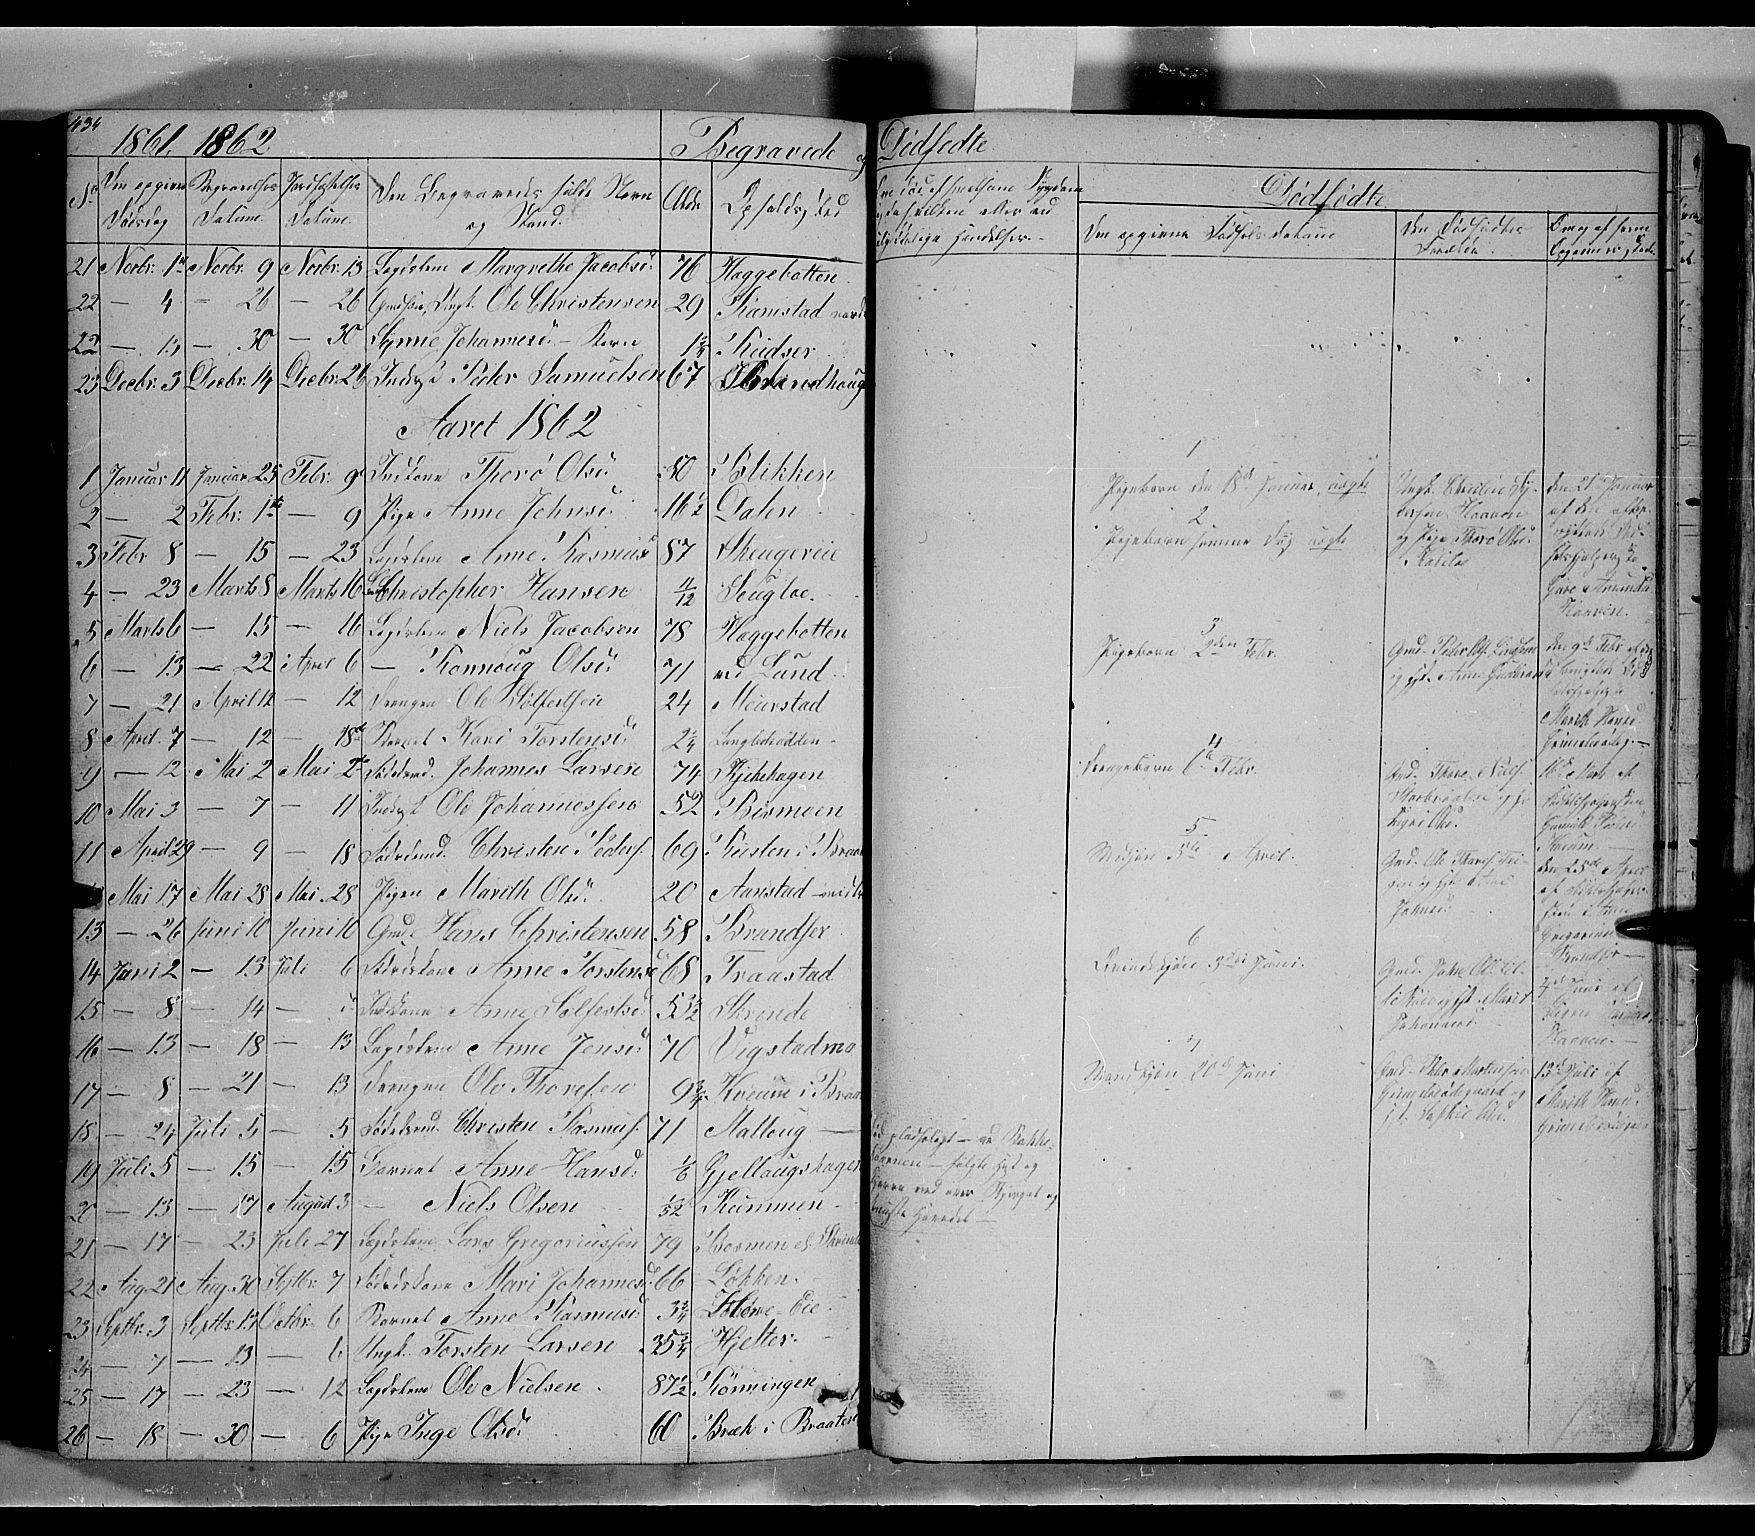 SAH, Lom prestekontor, L/L0004: Klokkerbok nr. 4, 1845-1864, s. 434-435